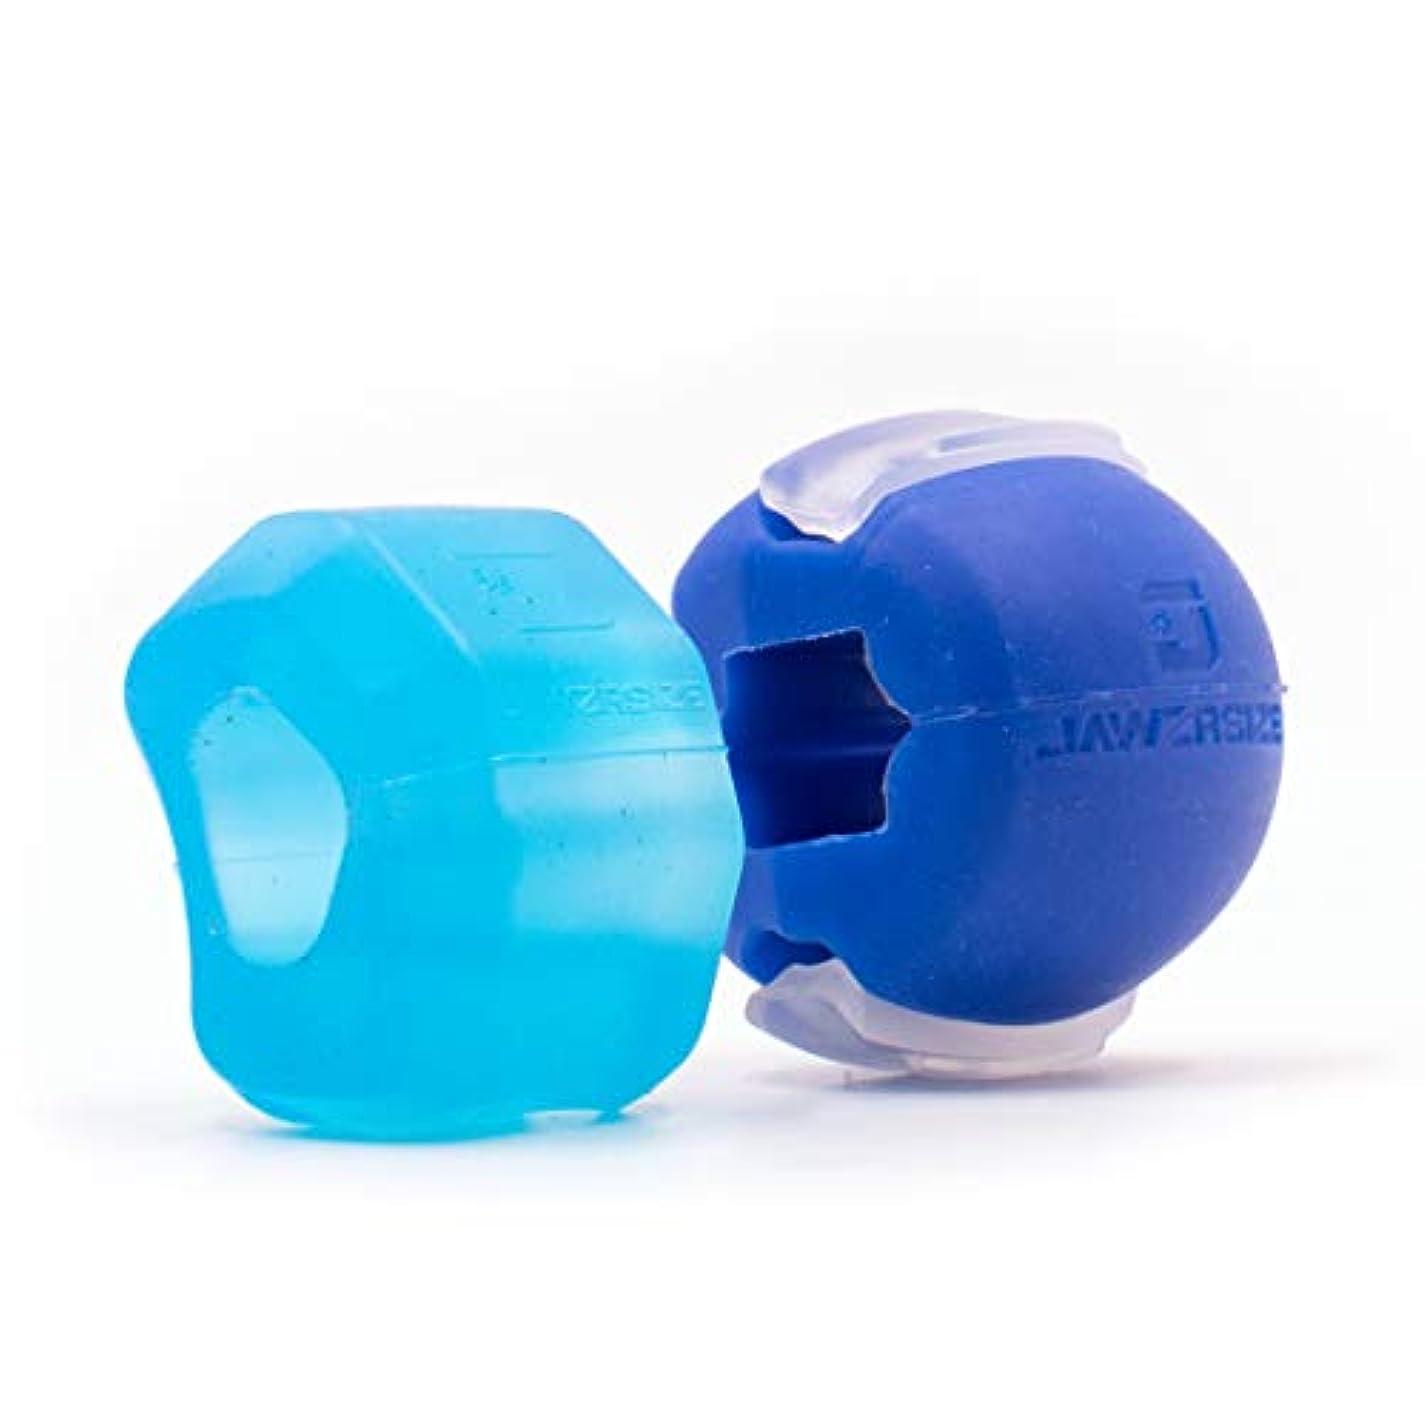 資源冷蔵庫感心するJawzrsize フェイストナー、ジョーエクササイザ、ネックトーニング装置 (20/40 Lb. 抵抗) 2パック - レベル1と2 - 青/紫